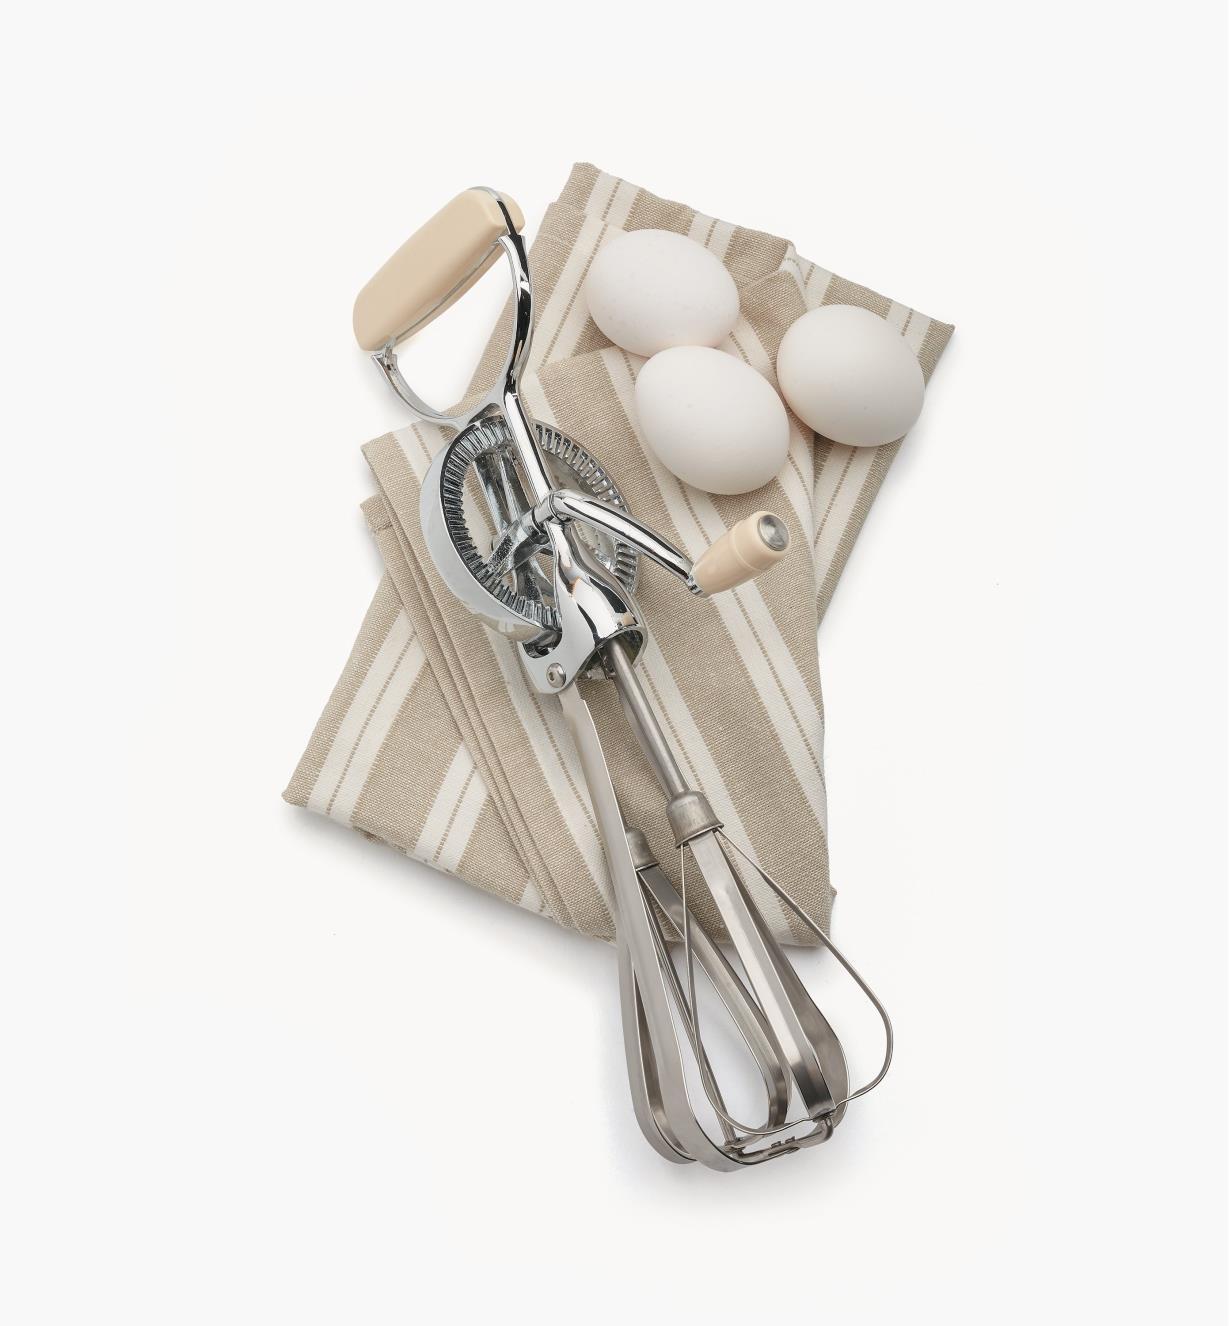 EV454 - Hand-Crank Egg Beater